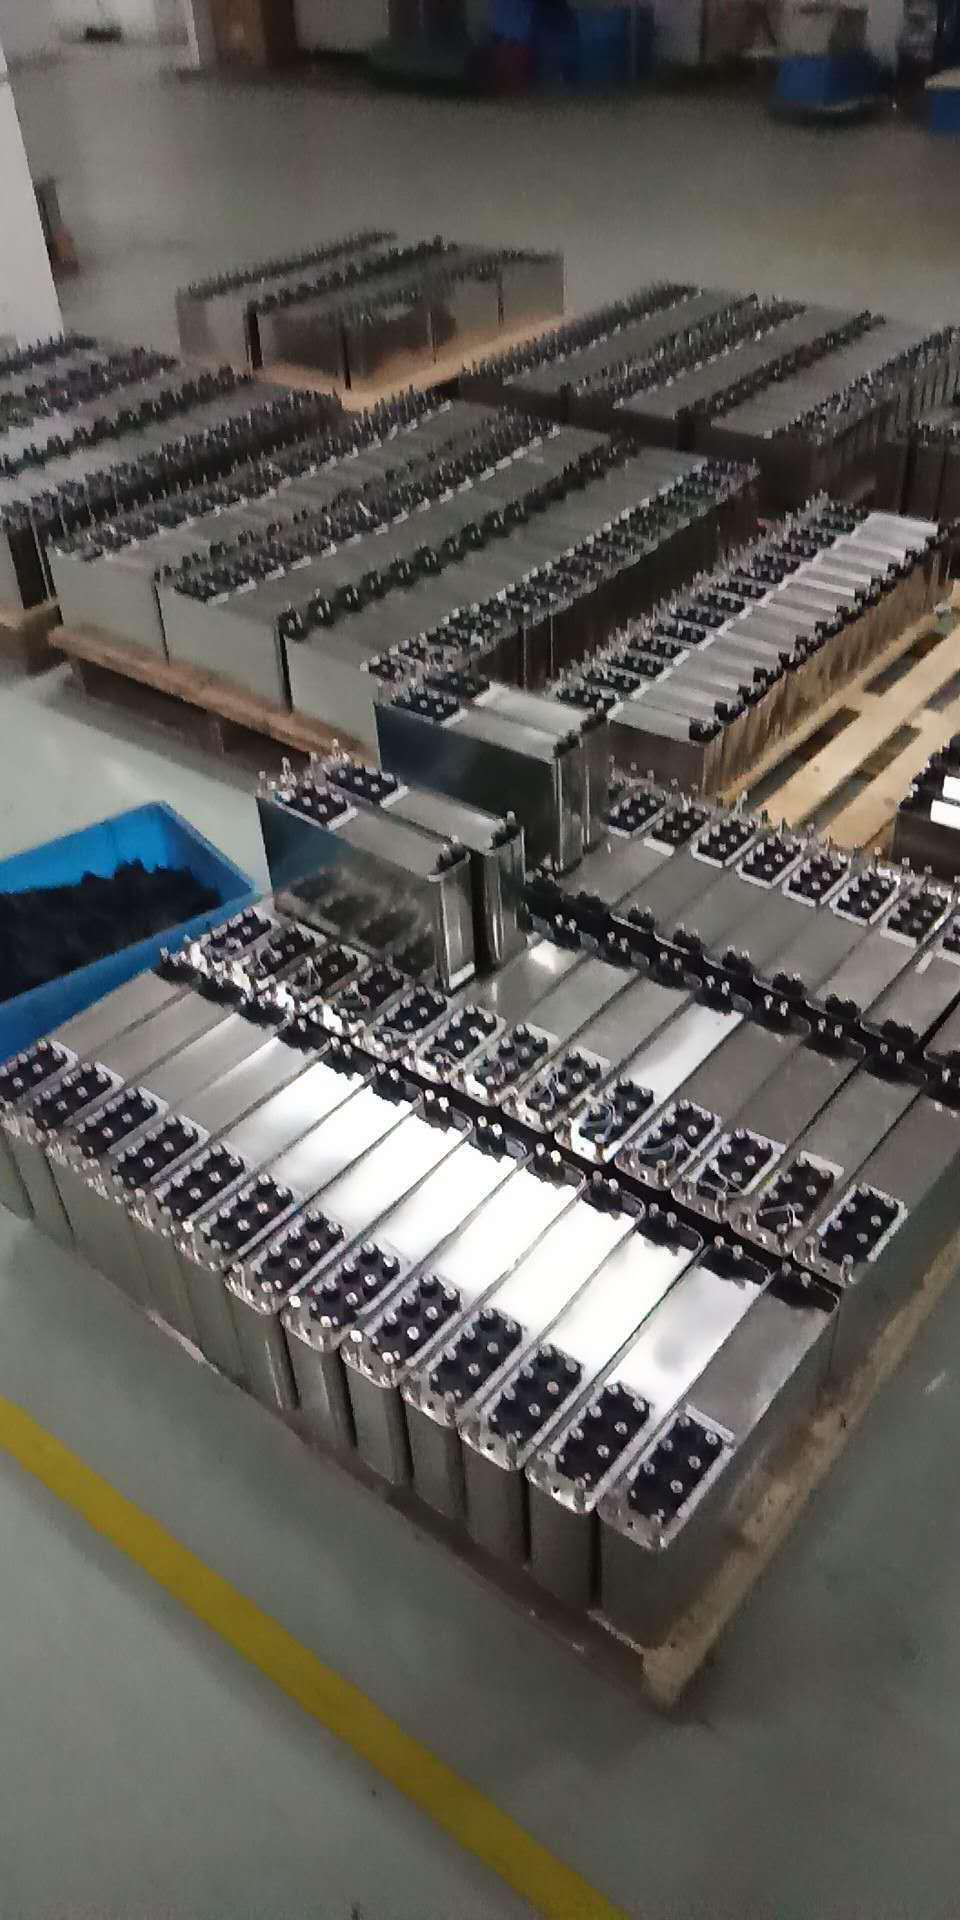 垦利XJ-CK9000E智能操控装置详情